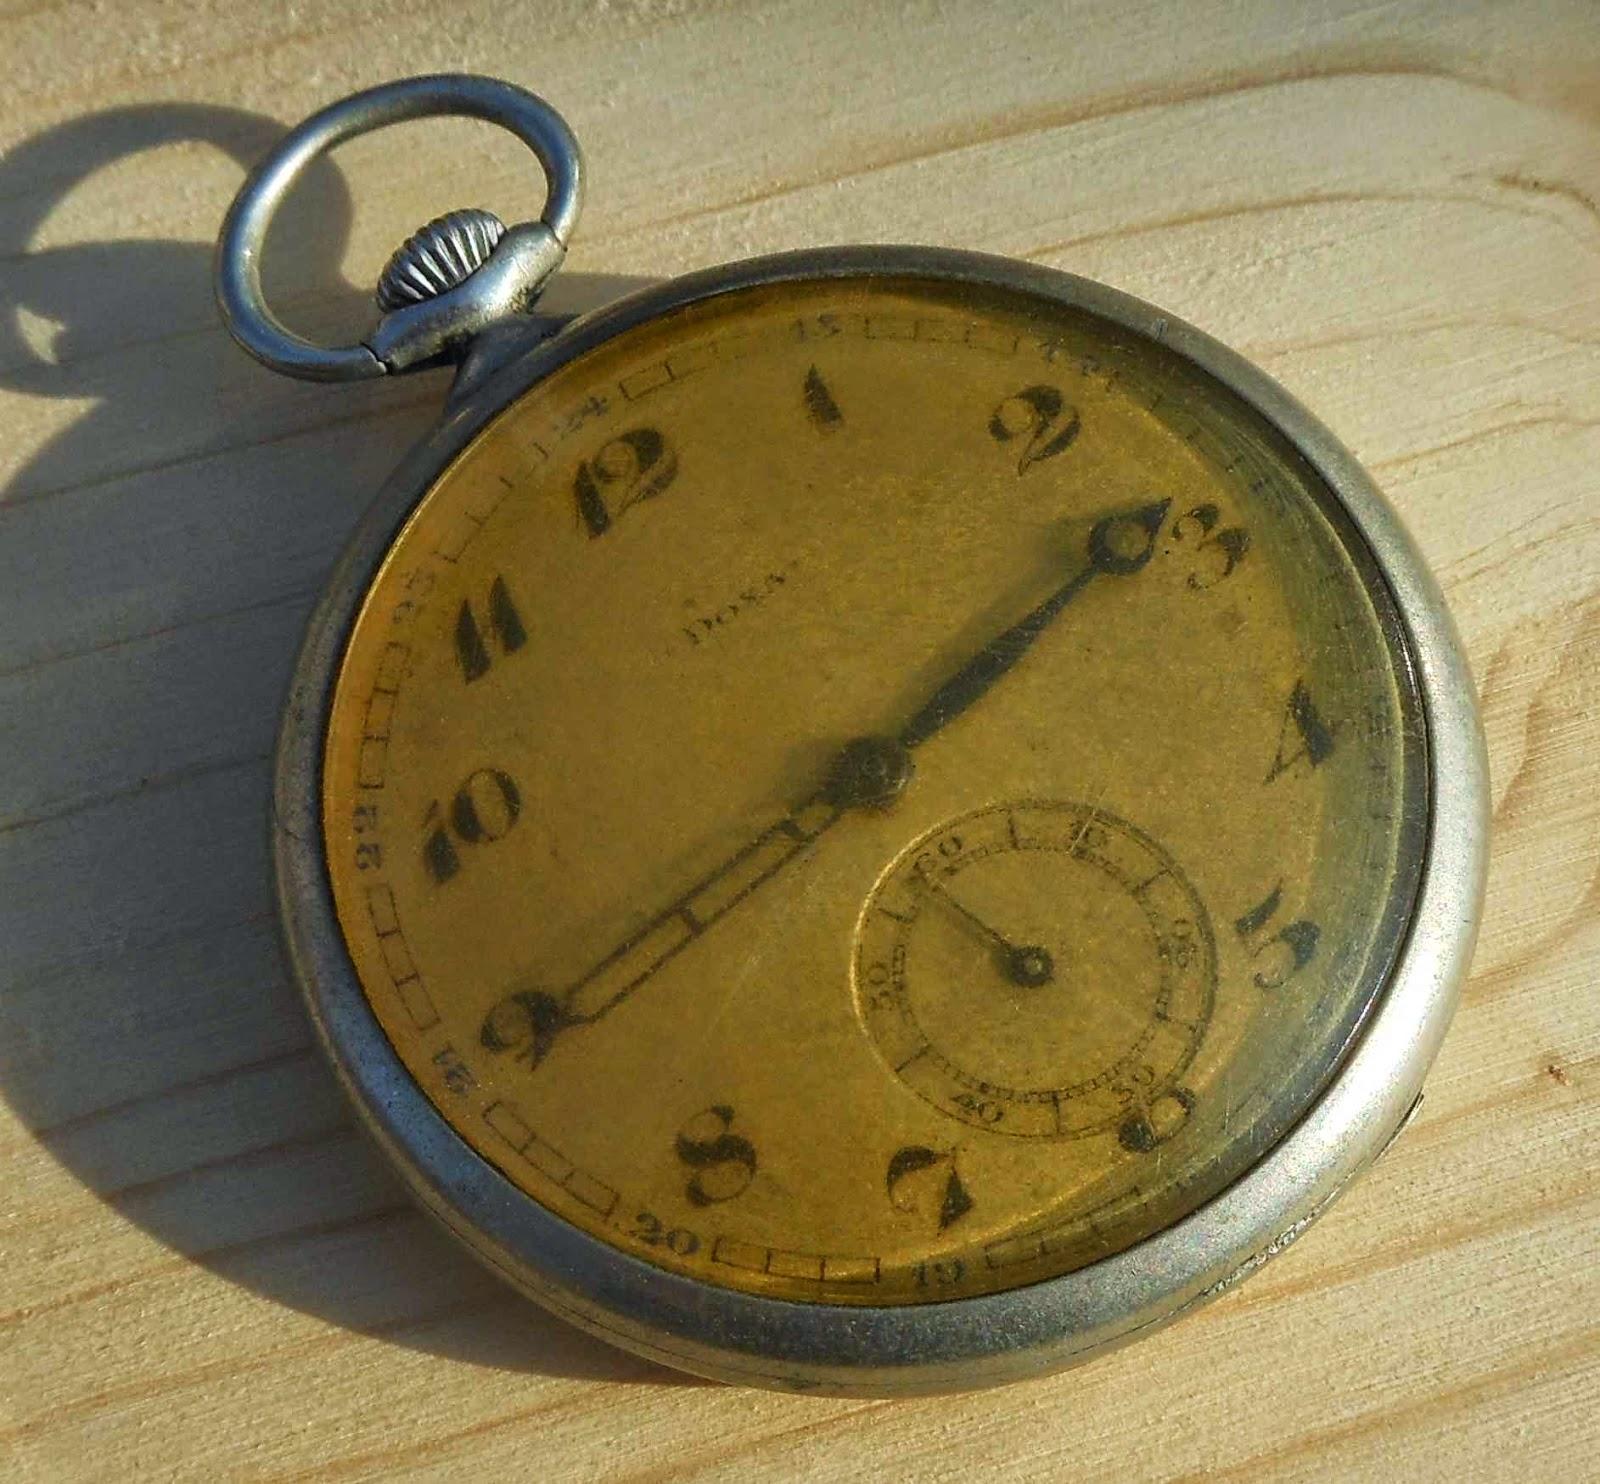 A Doxa a svájci órák közül talán az egyik legismertebb. Különösen nálunk f90e7ff9a7